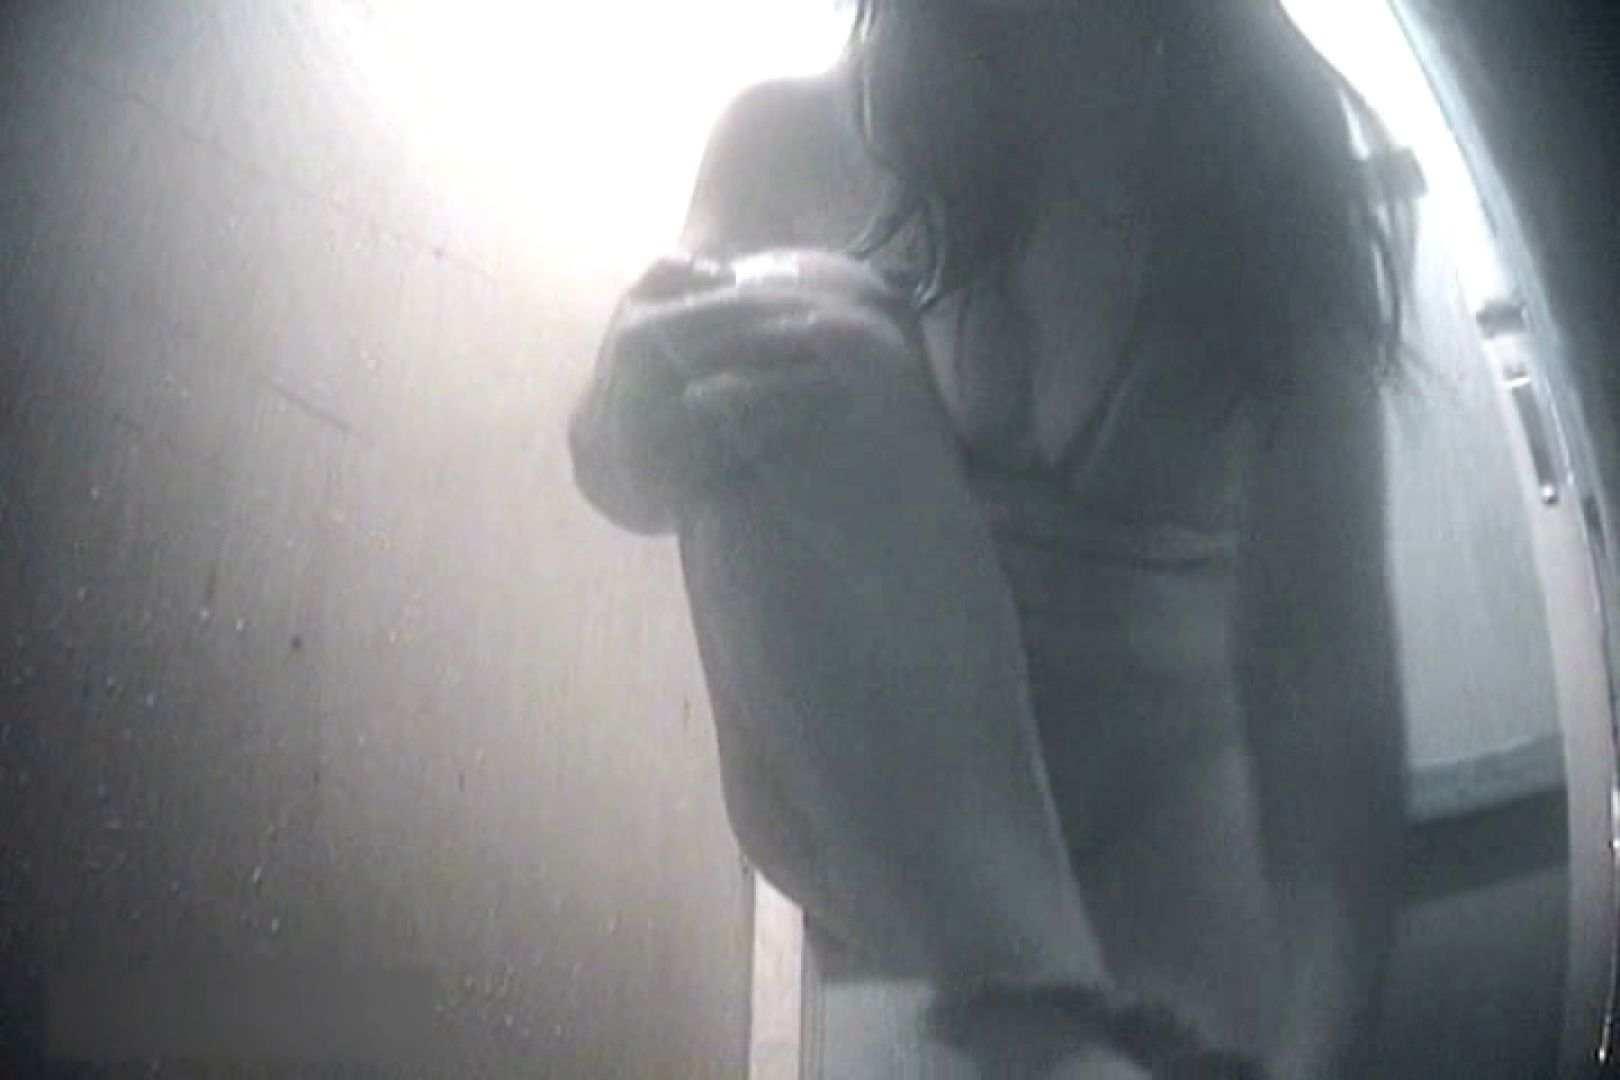 夏海シャワー室!ベトベトお肌をサラサラに!VOL.11 美女 セックス無修正動画無料 105連発 16